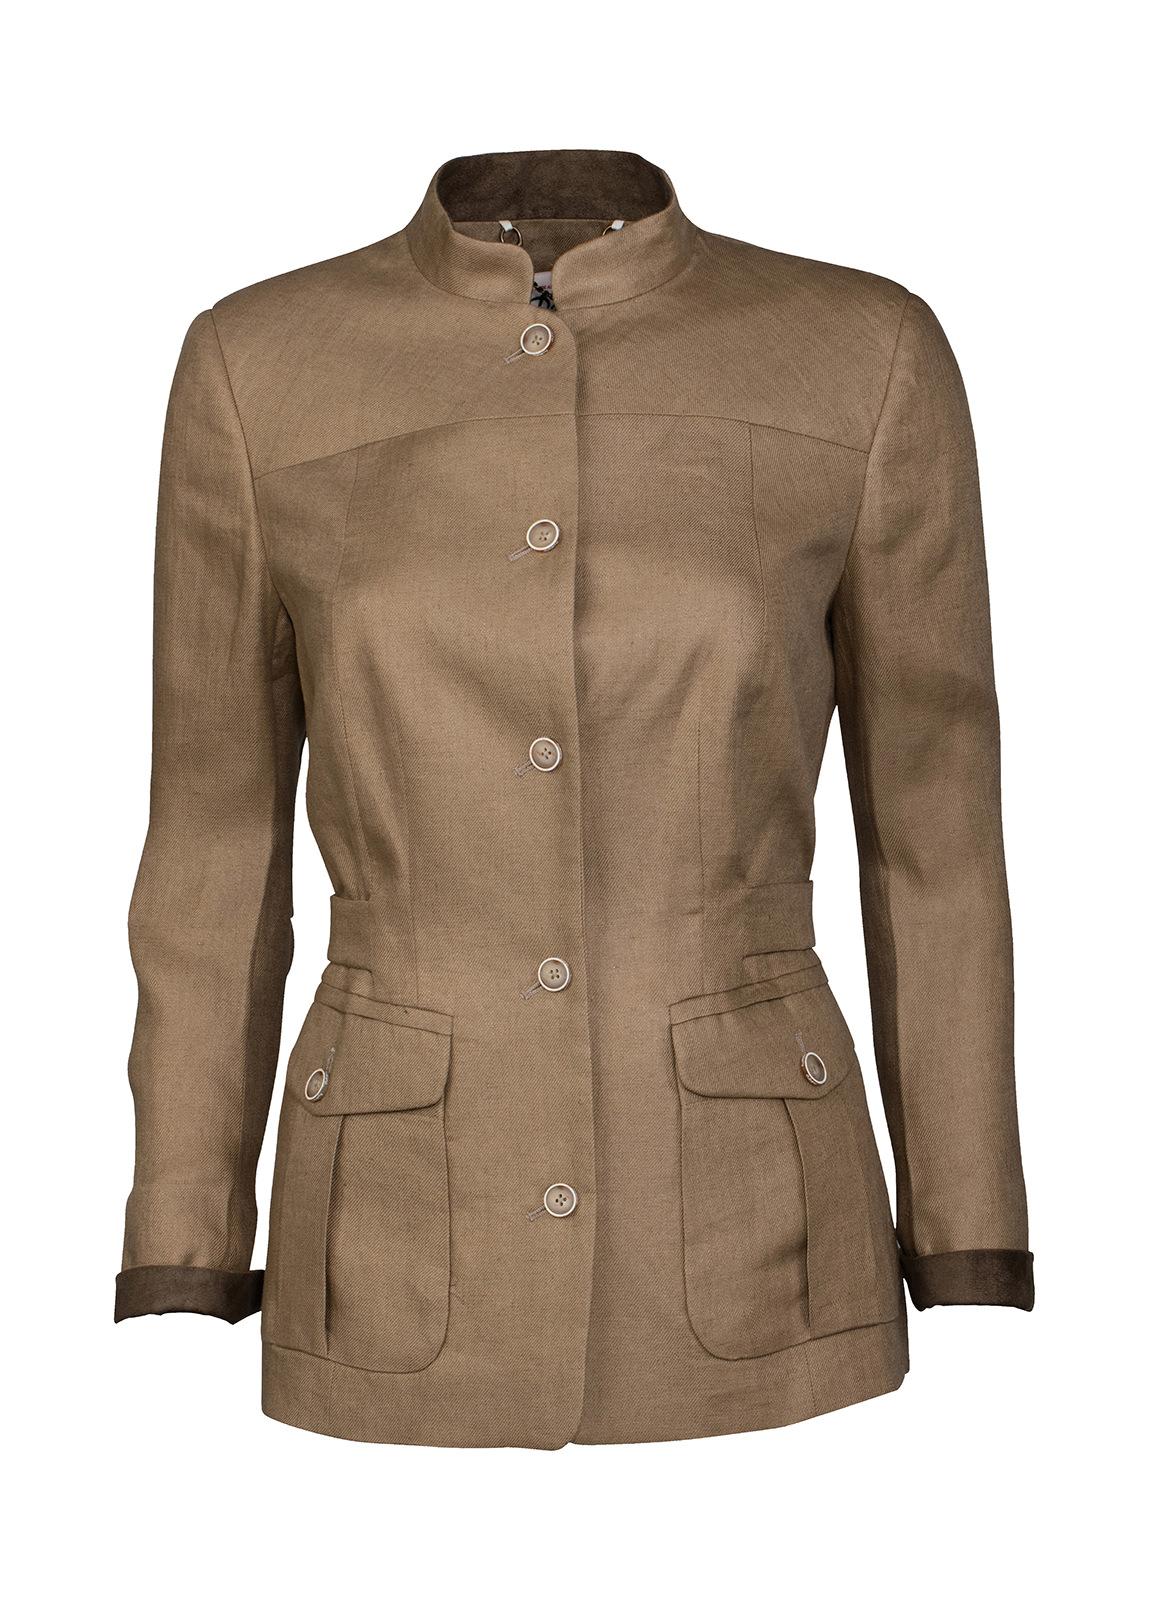 Dubarry_ Malahide Women's Linen Jacket - Ruby Red_Image_2